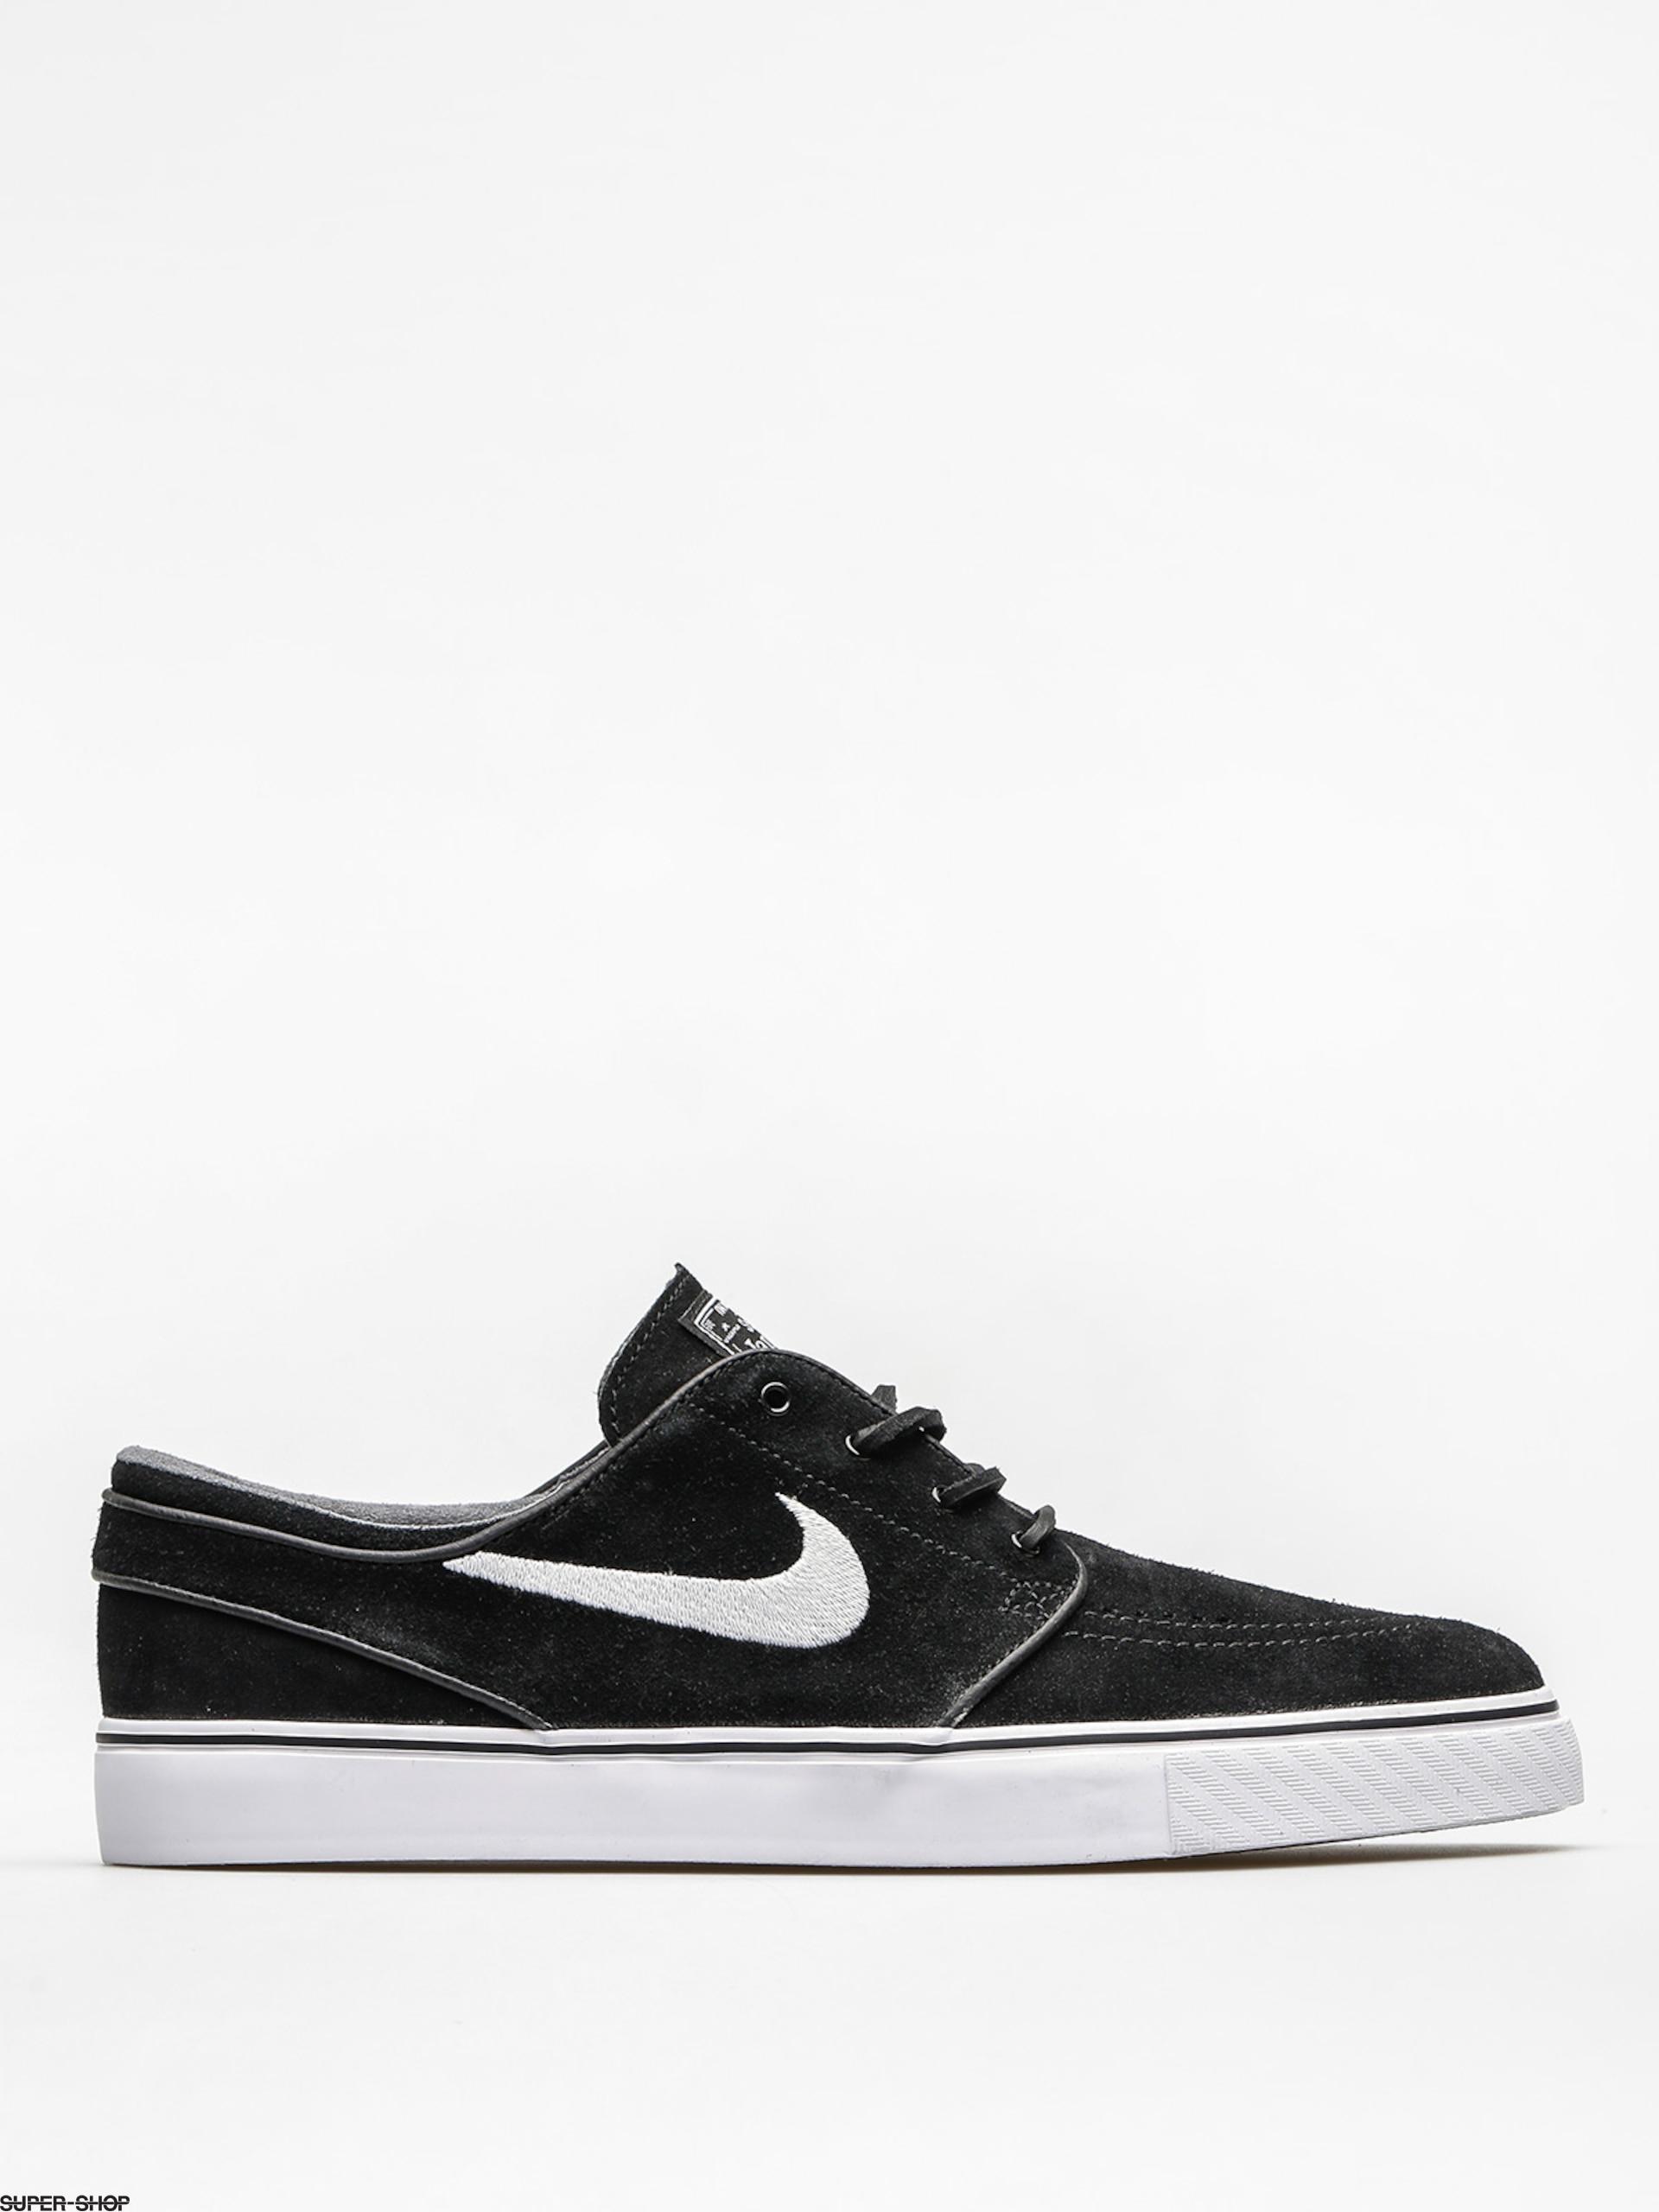 f54cbc120d58 Nike SB Schuhe Zoom Stefan Janoski Og (black white gum light brown)